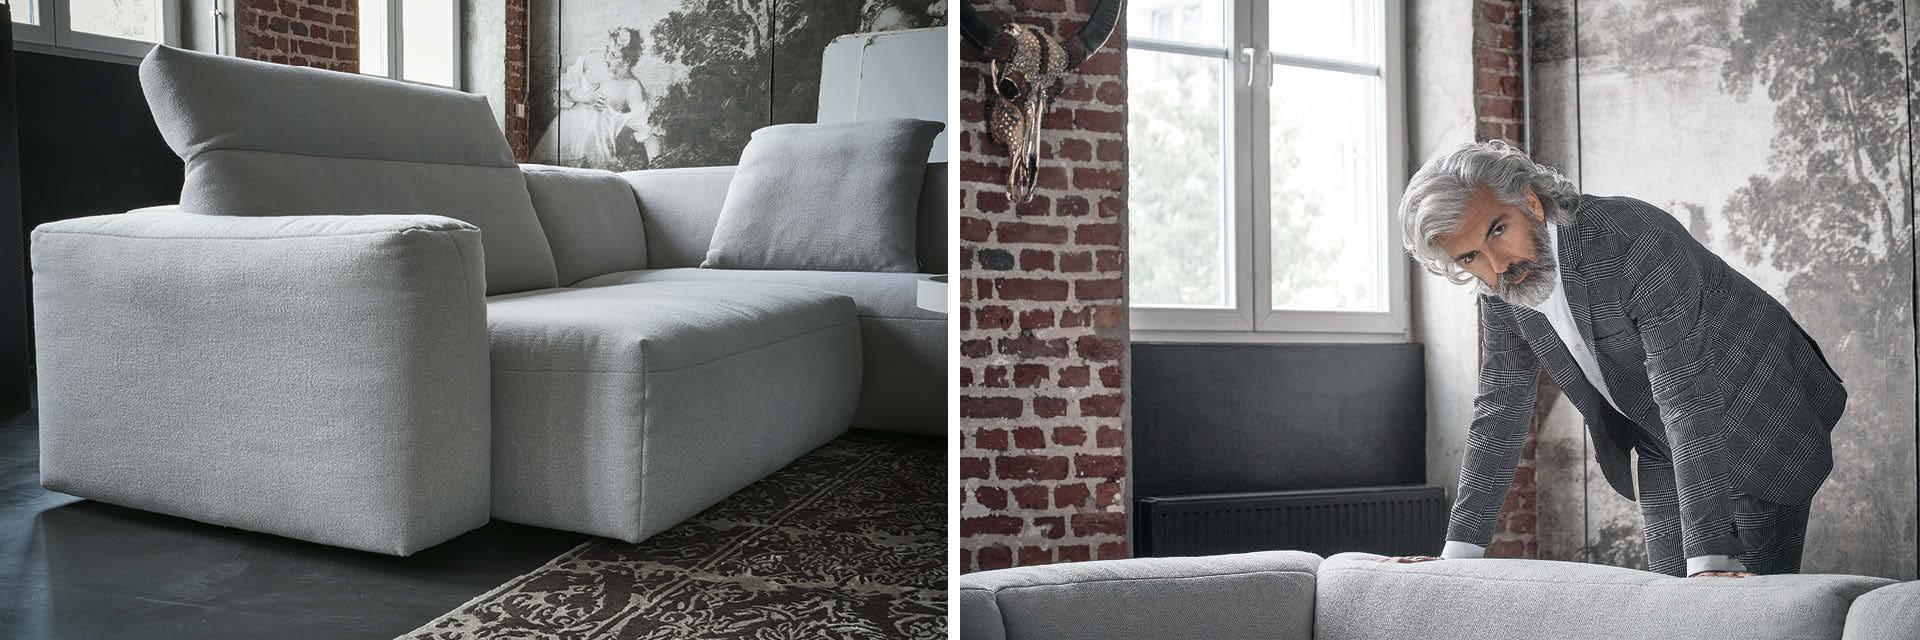 Full Size of Graue Couch Welcher Teppich Wohnzimmer Graues Sofa Wandfarbe Welche Kissen Mit Dekorieren Grauer Dekoration 2er Ikea Bunte Farbe Ich Bin Dann Mal Weg Ein Ist Sofa Graues Sofa